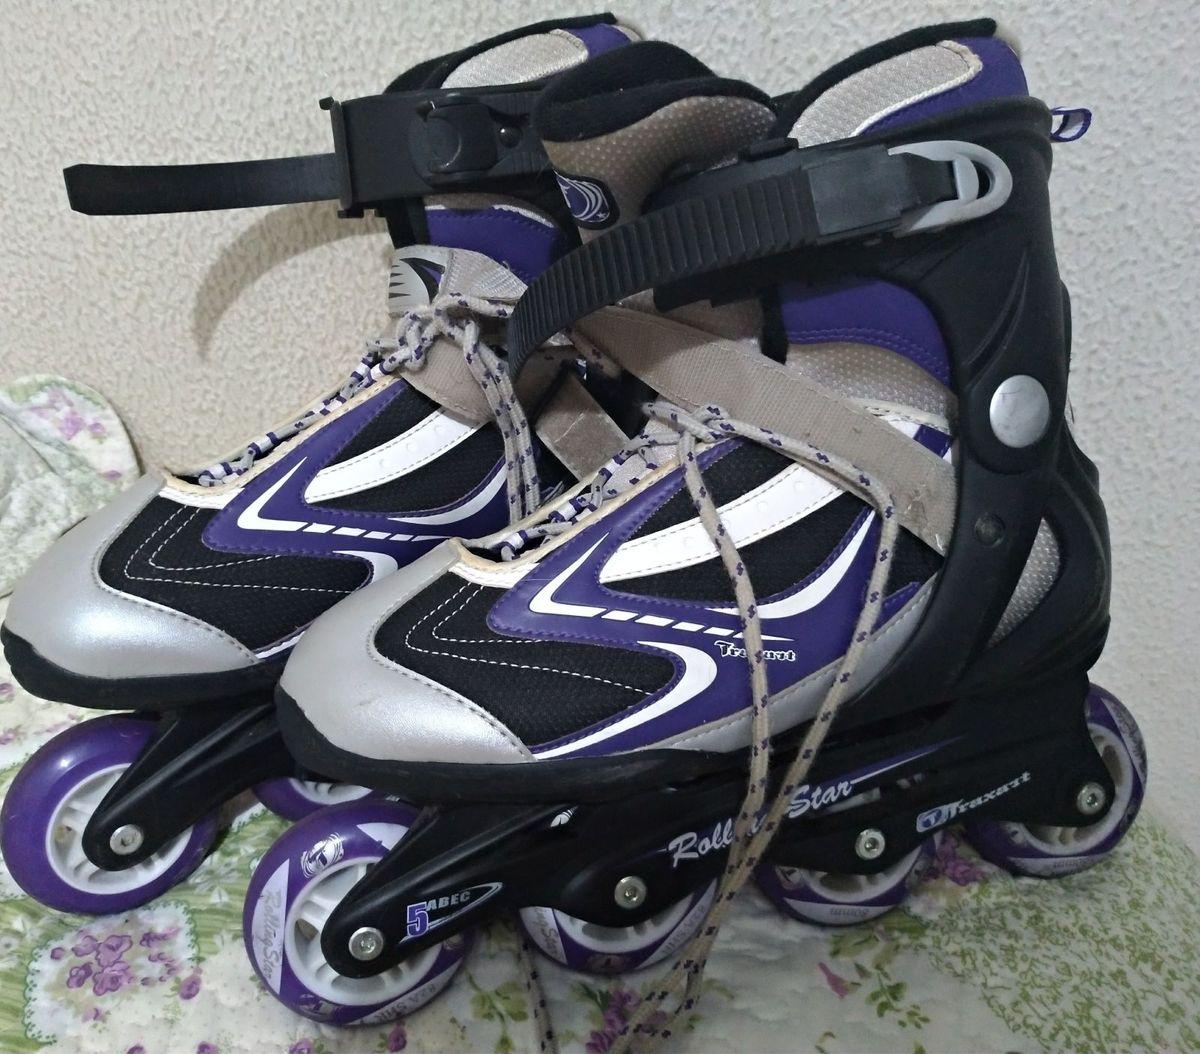 c06634ec2d133 patins traxart rolling star - esportes e outdoor traxart